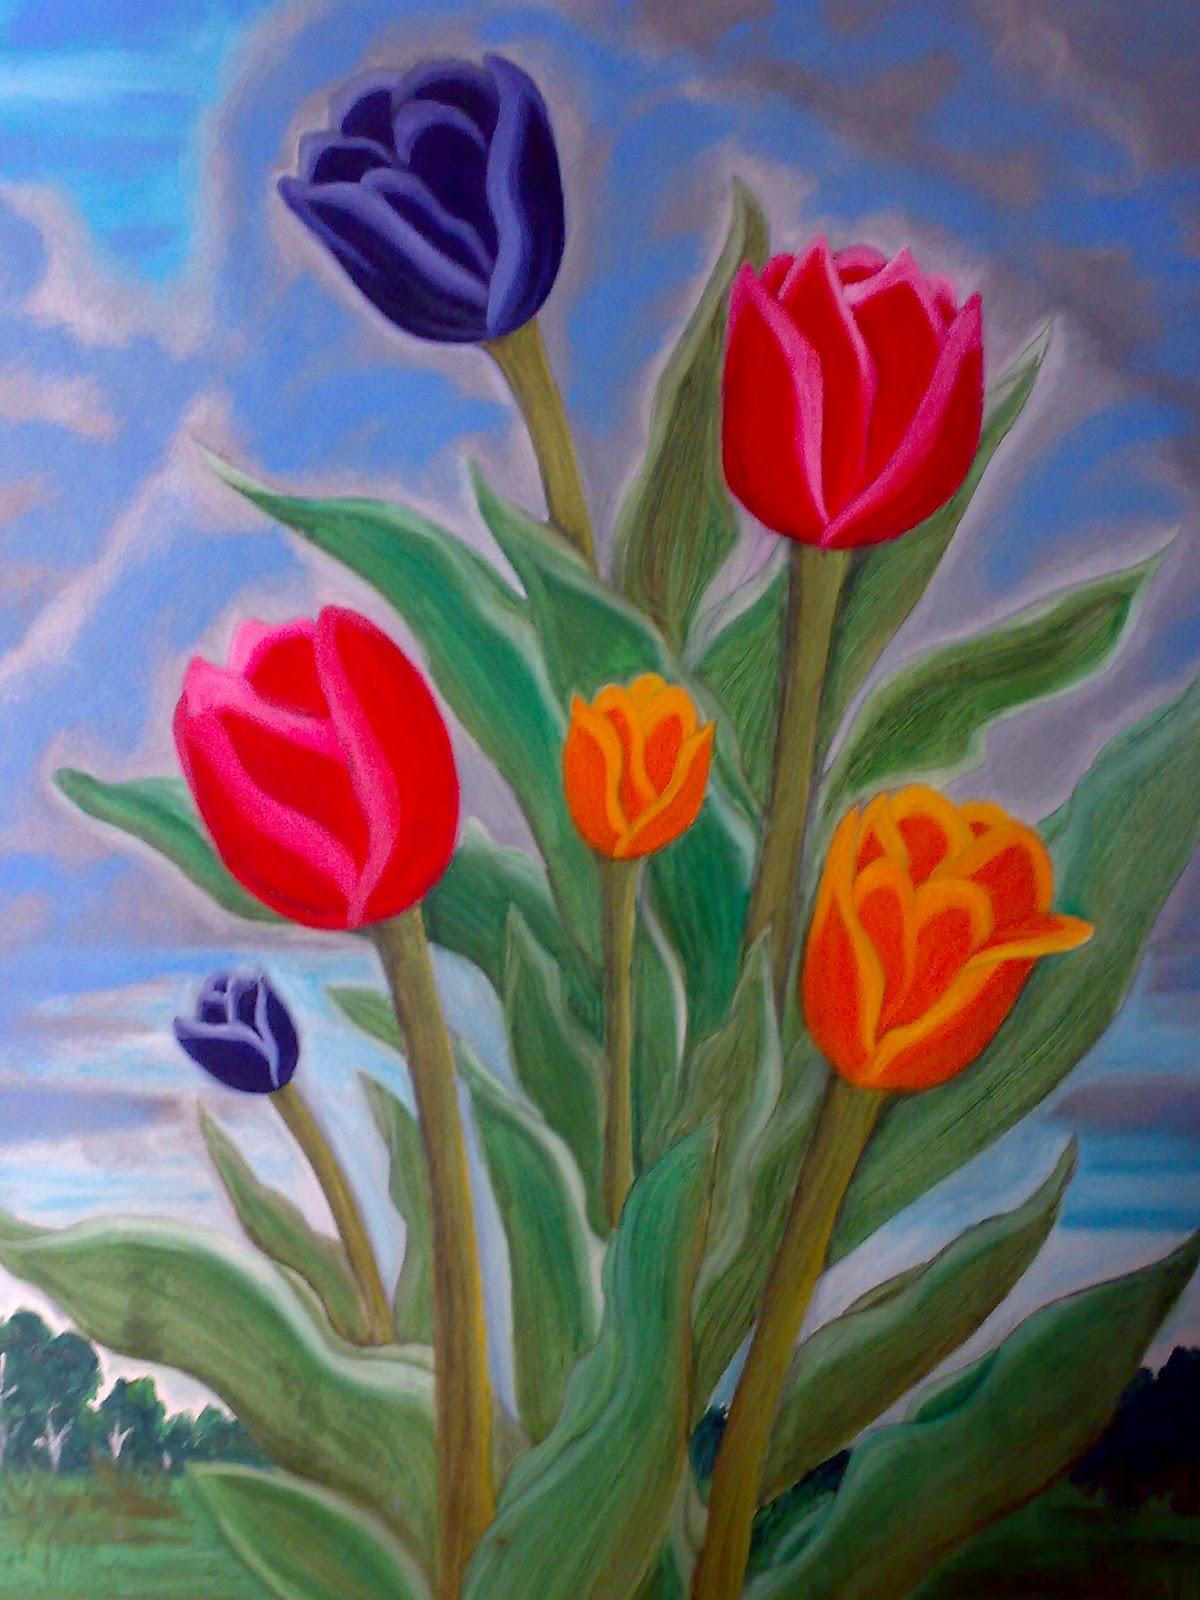 Unduh 780 Koleksi Gambar Bunga Tulip Yang Mudah Ditiru Paling Keren